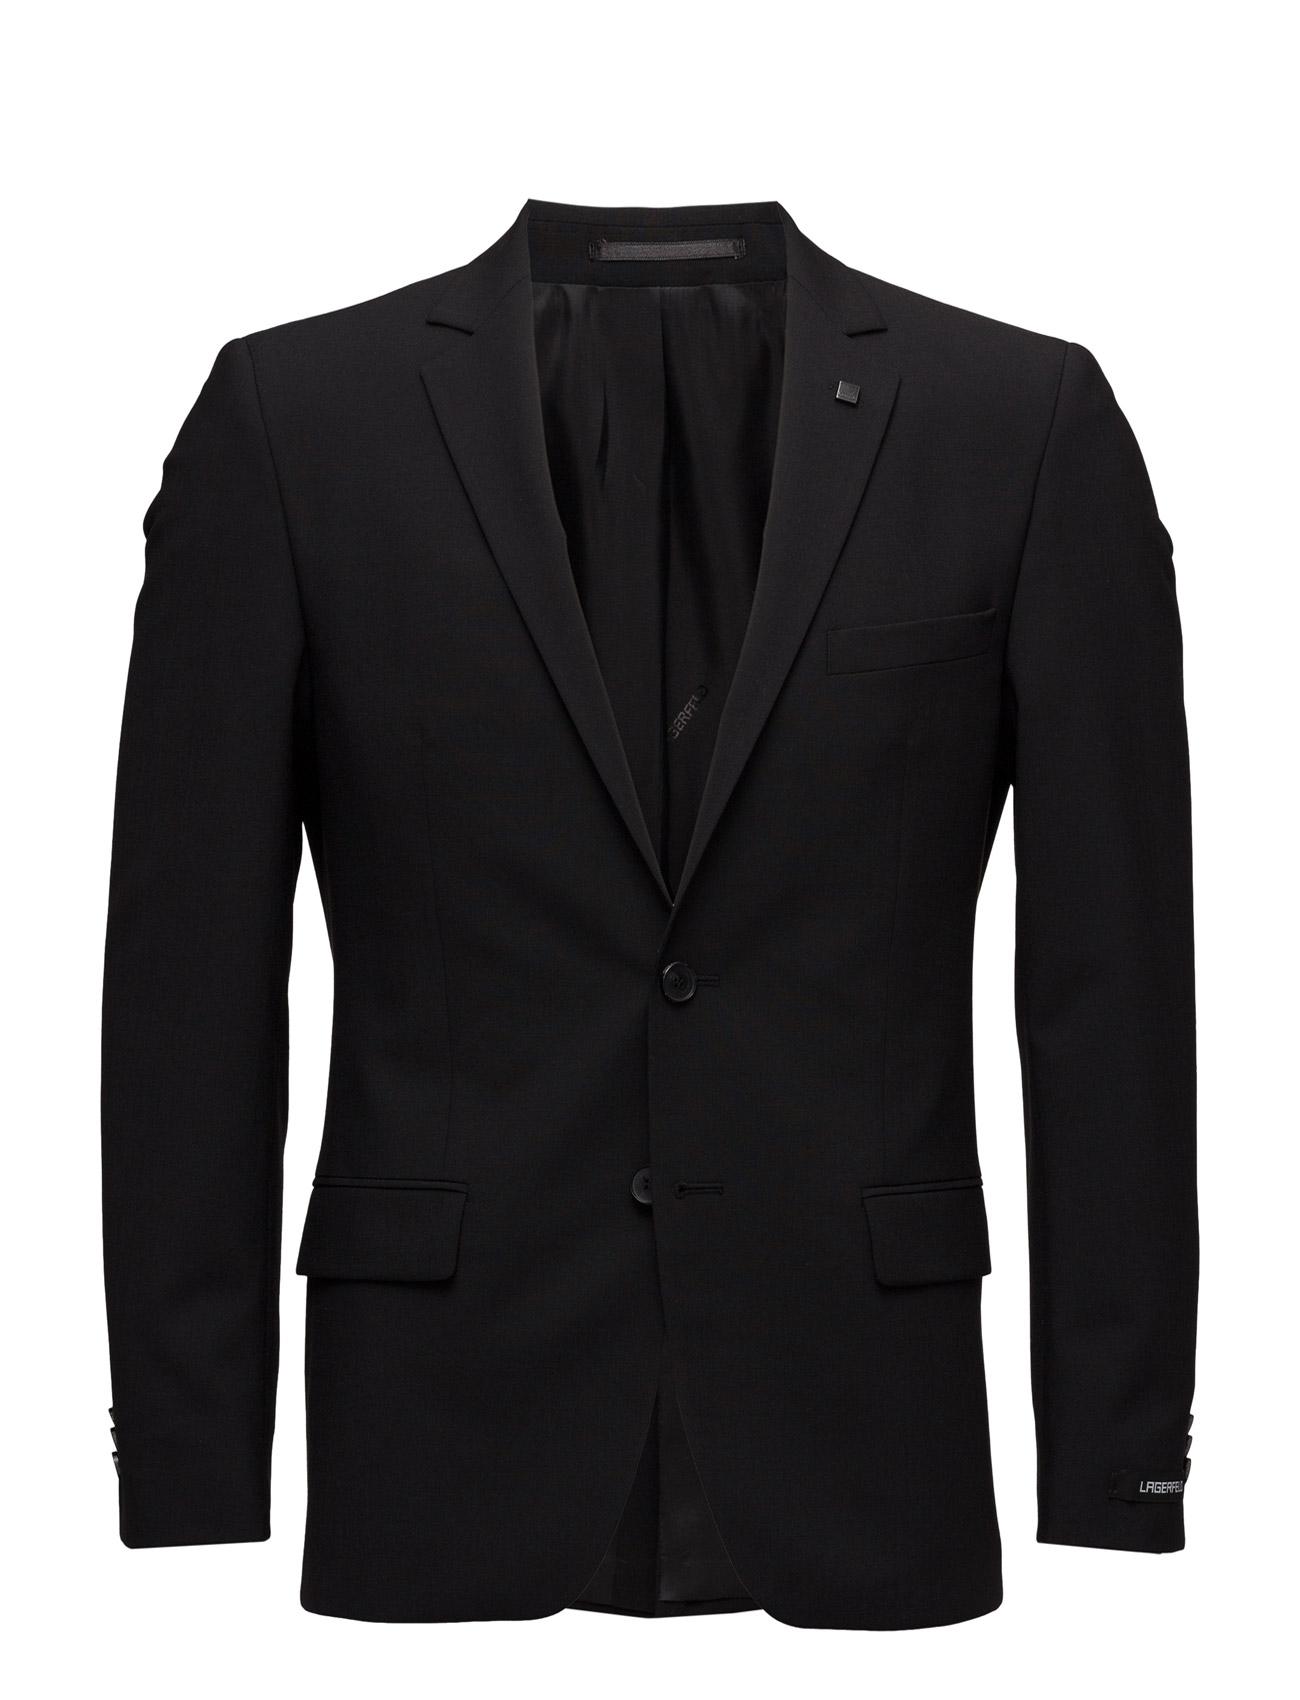 Jacket clever fra lagerfeld fra boozt.com dk